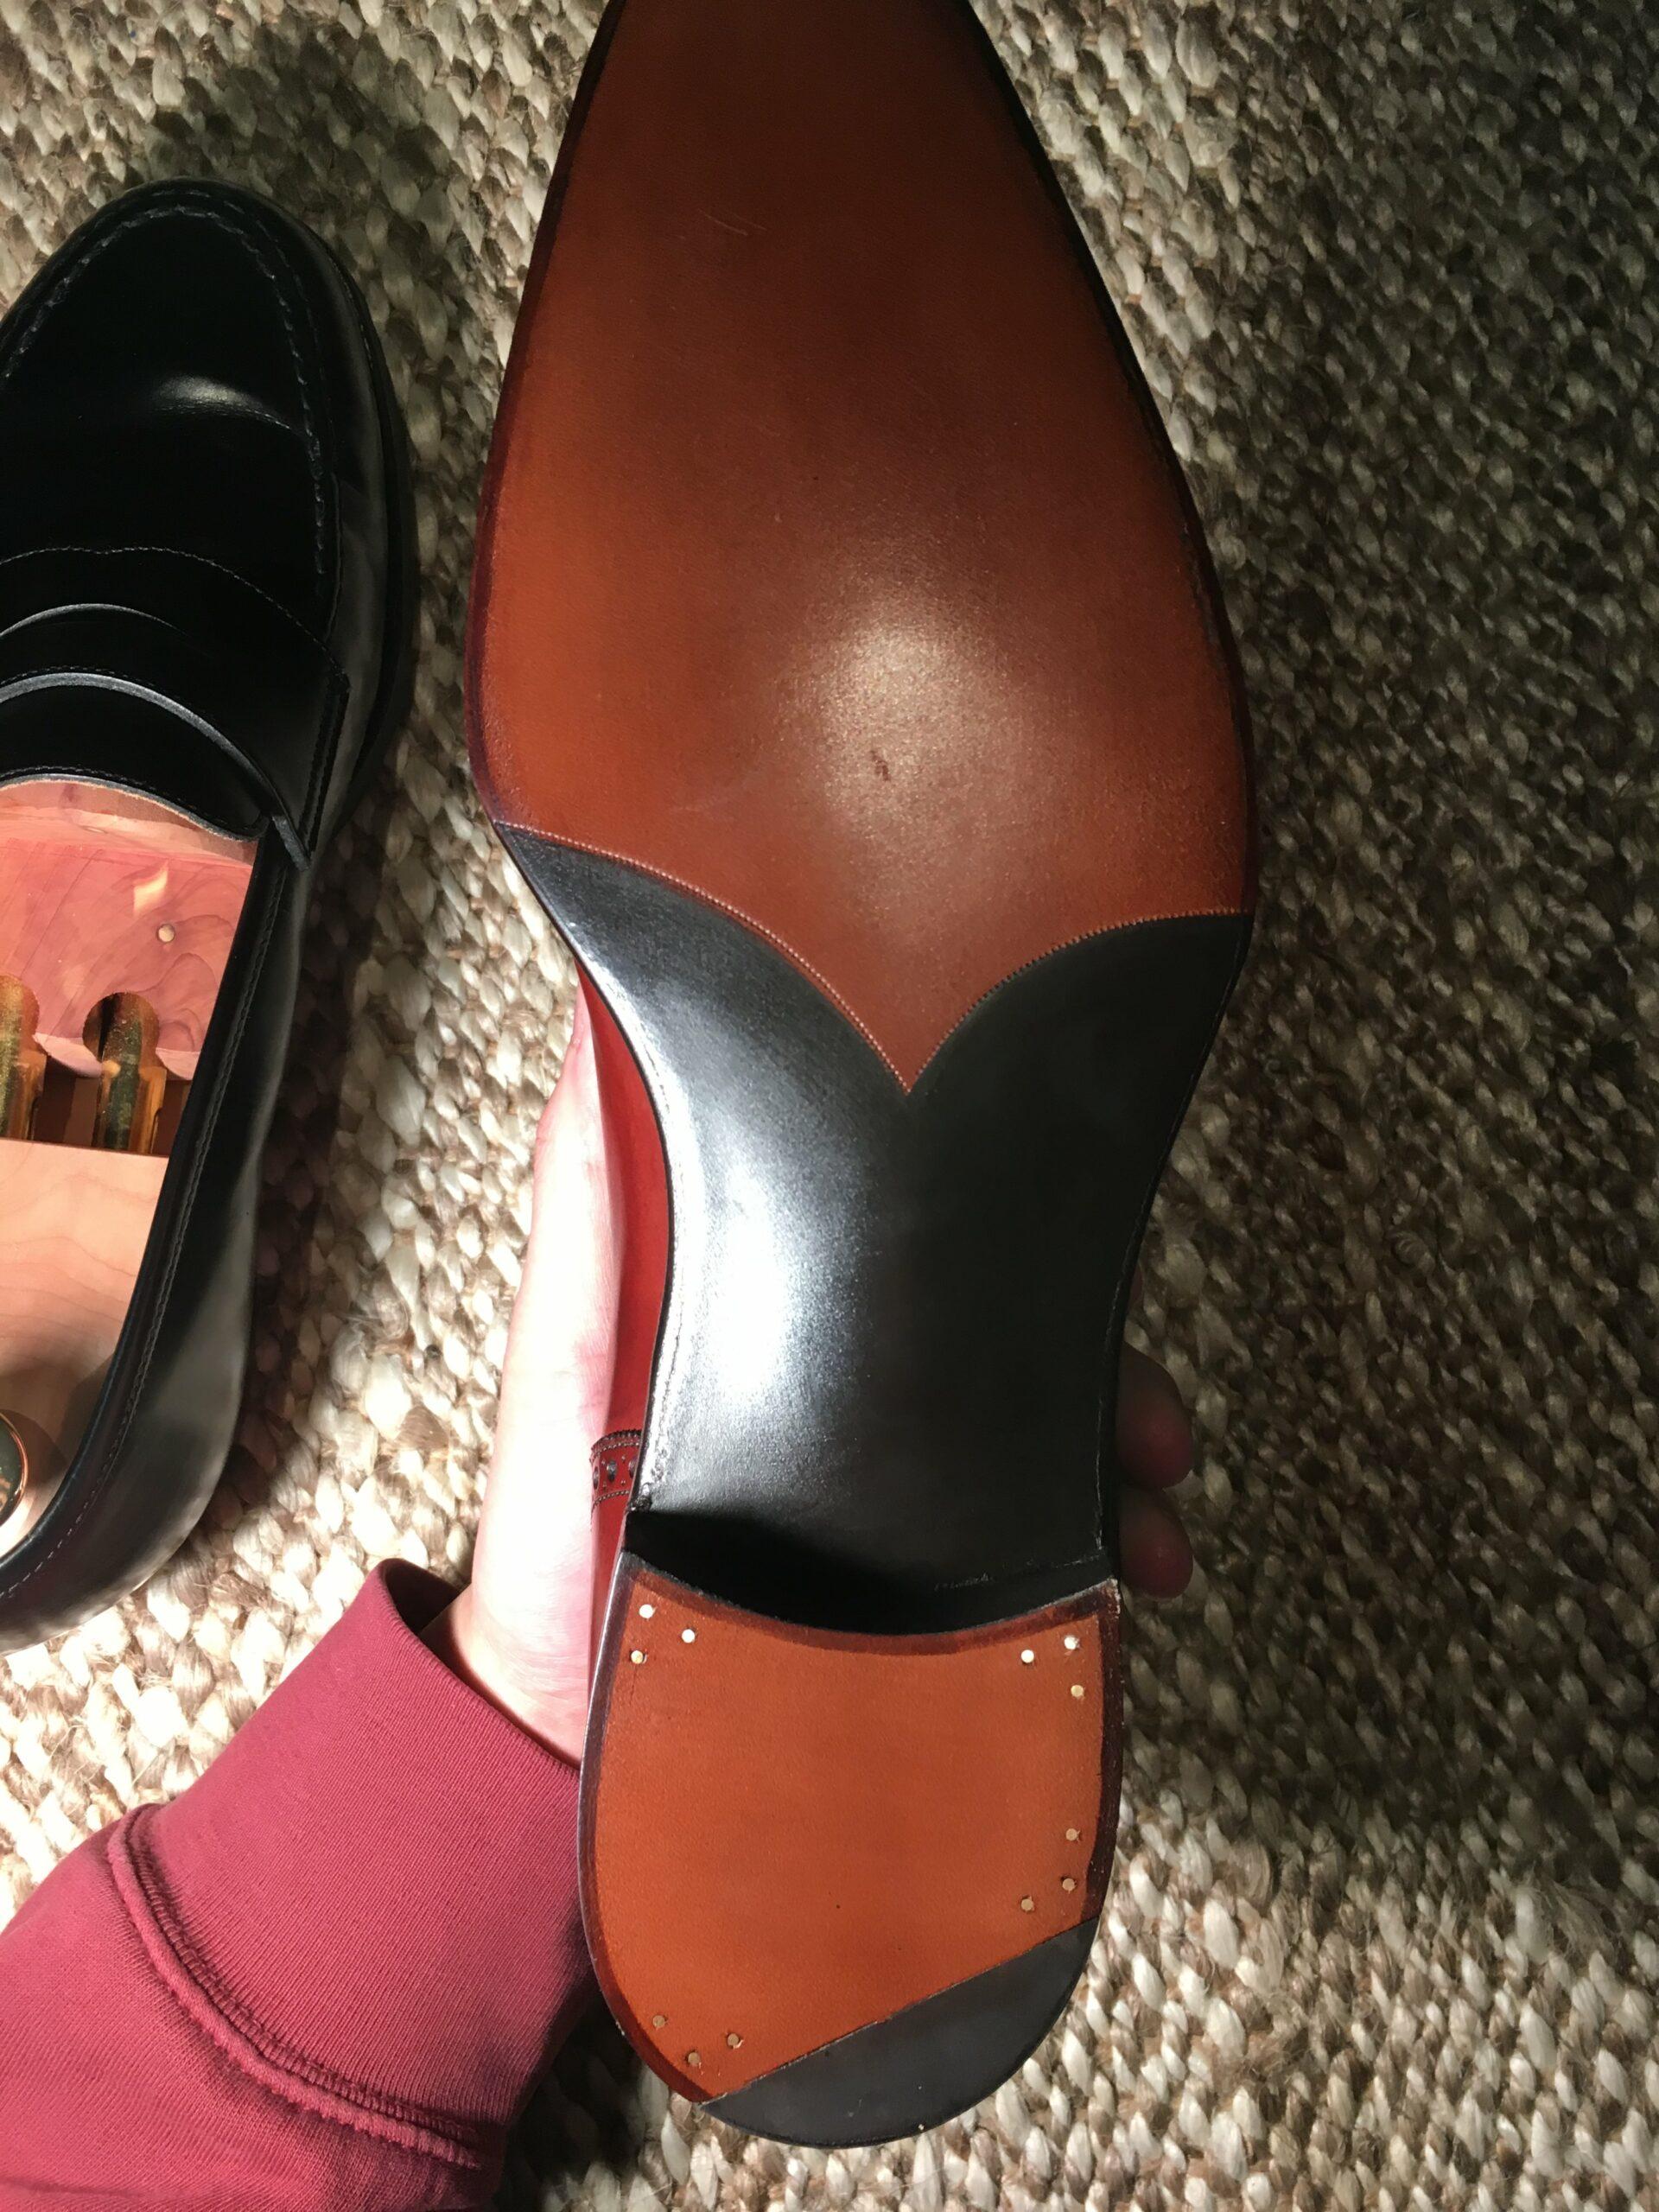 À titre de comparaison, ici une semelle sur une paire de G&G, tout est vrai, tout est beau et bien évidemment la couture est sous gravure. (Source : Reddit)